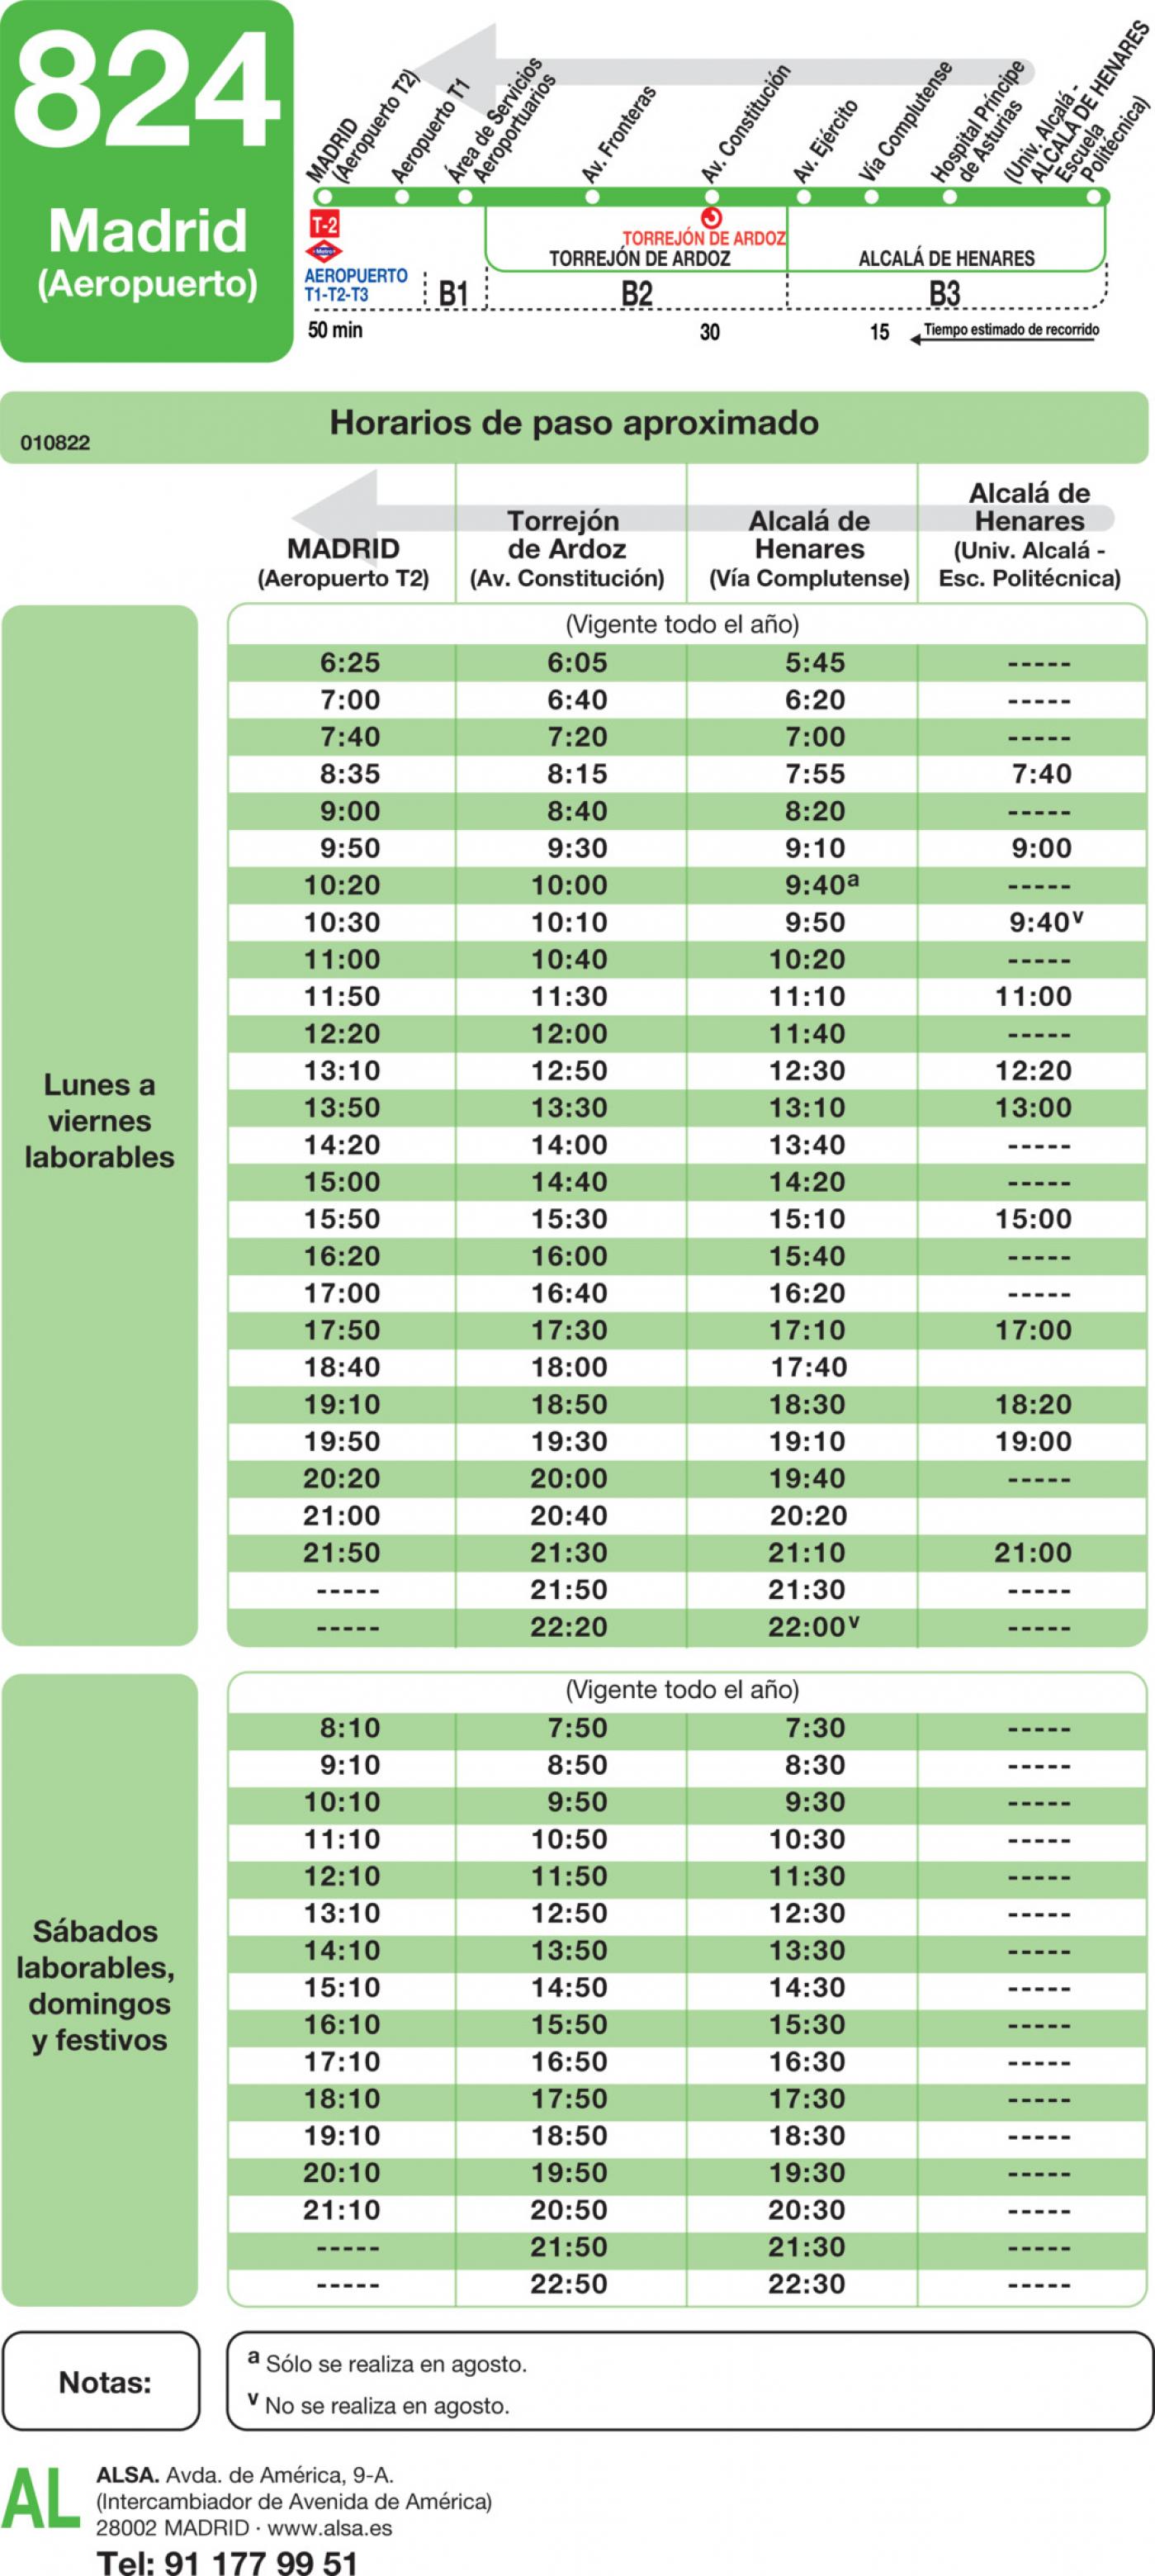 Tabla de horarios y frecuencias de paso en sentido vuelta Línea 824: Madrid (Aeropuerto Barajas) - Torrejón de Ardoz